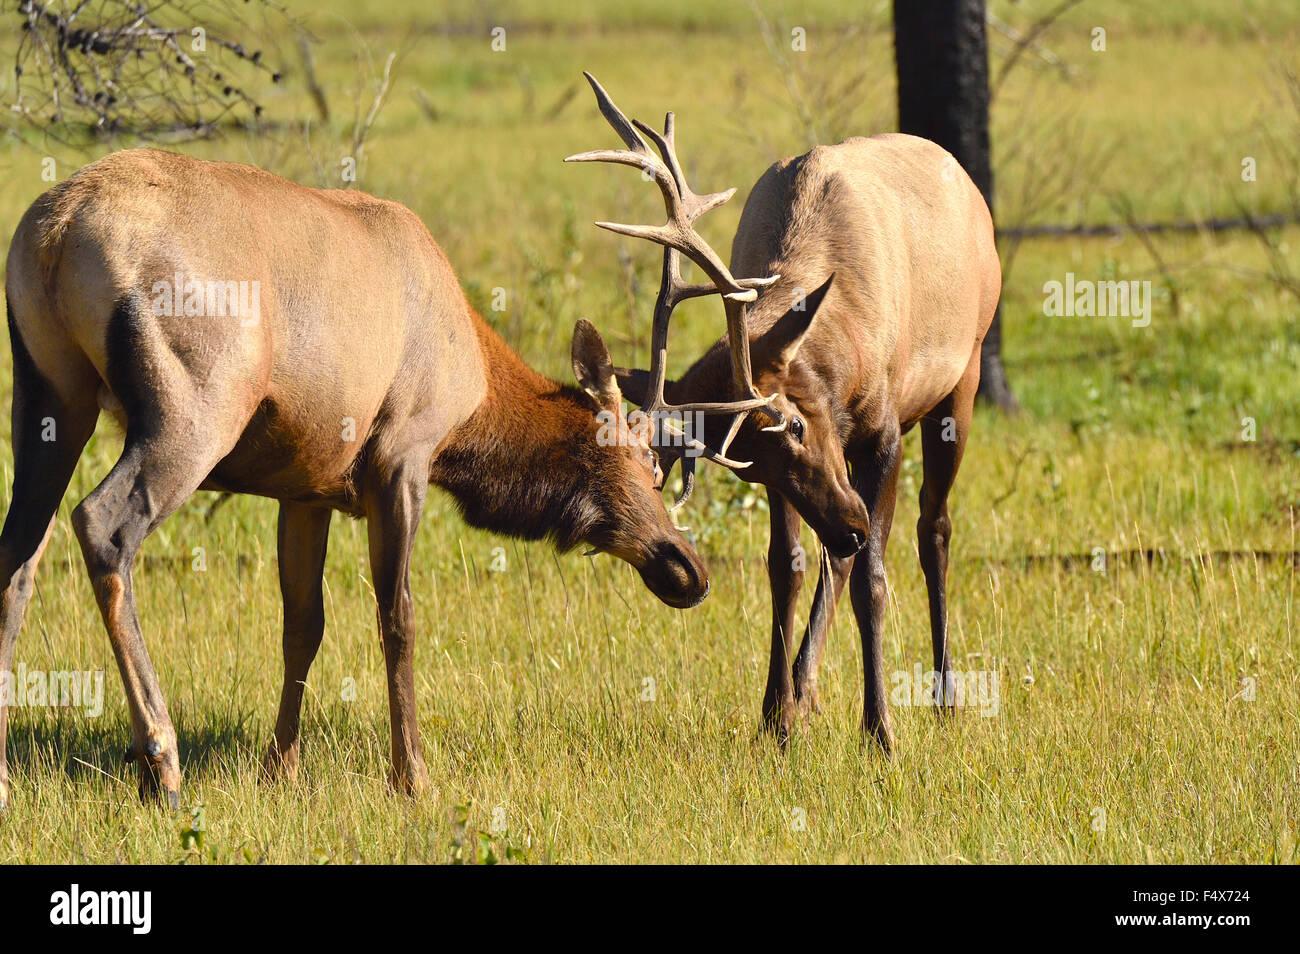 Zwei Bull Elk Cervus Elaphus, kämpfen in einer Wiese Stockbild